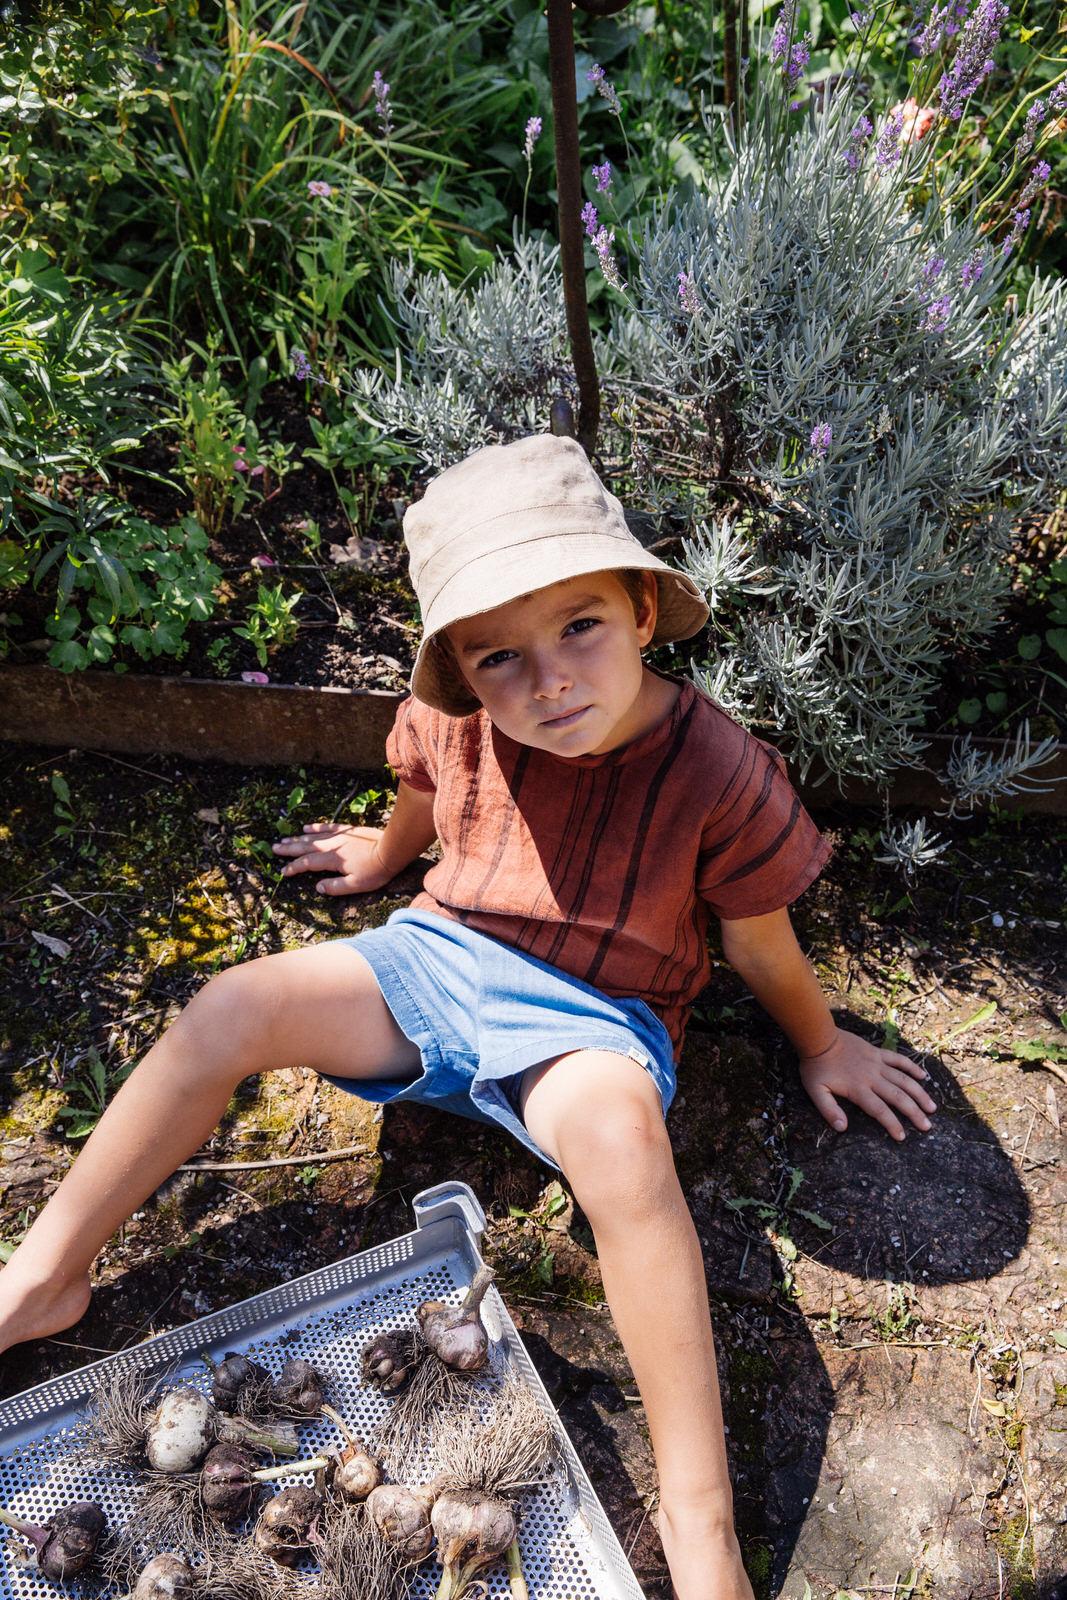 Matona Matona sun hat/bucket hat- 100% linen - tan - baby and child